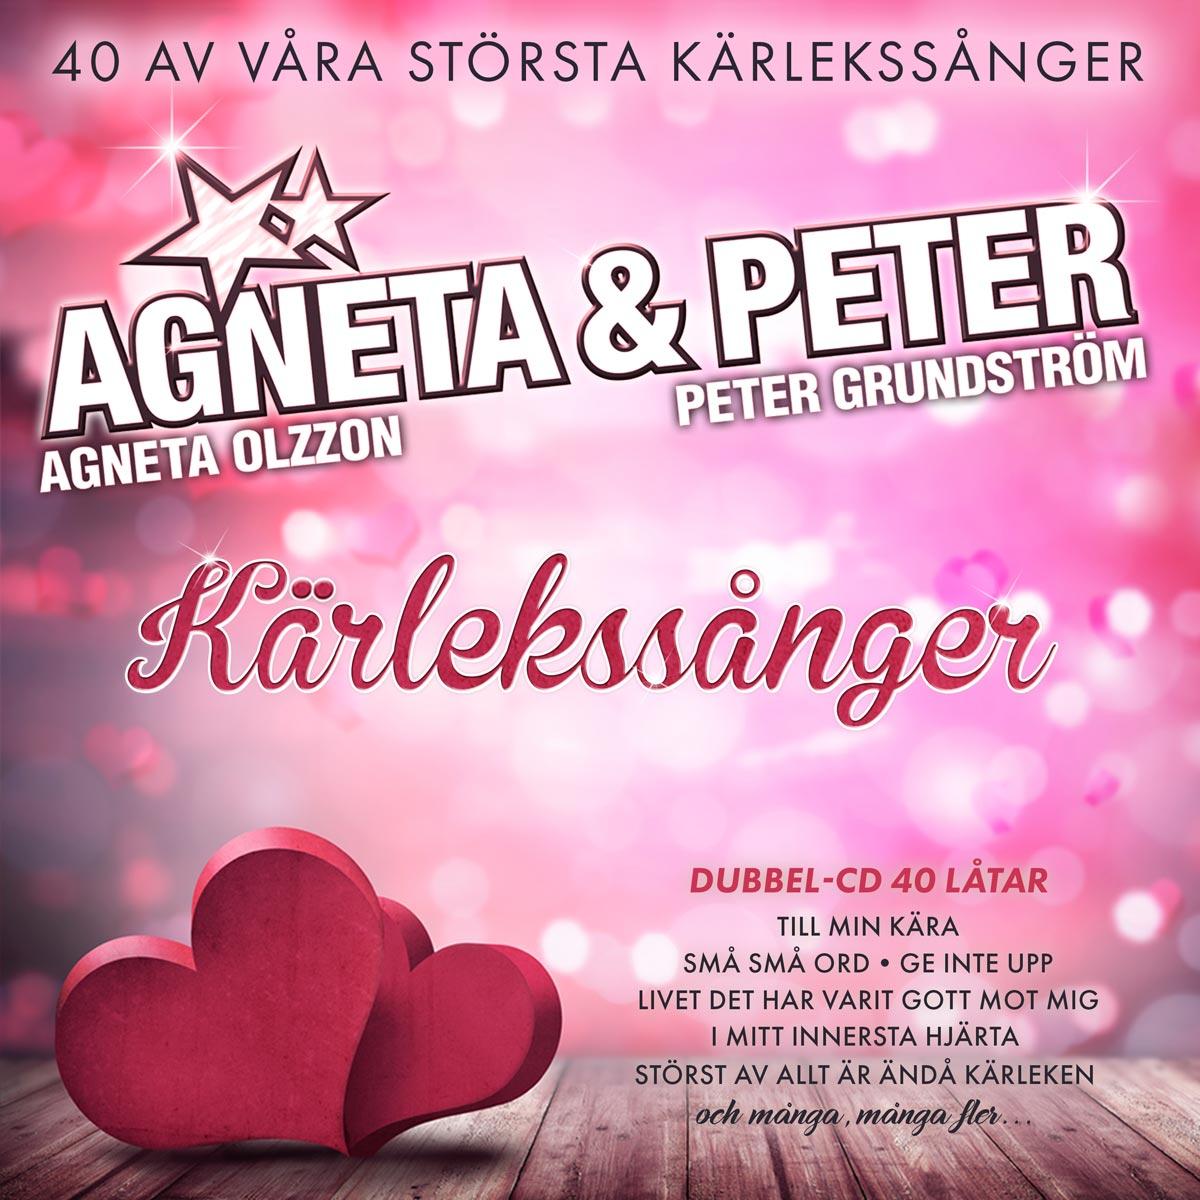 Agneta&Peter